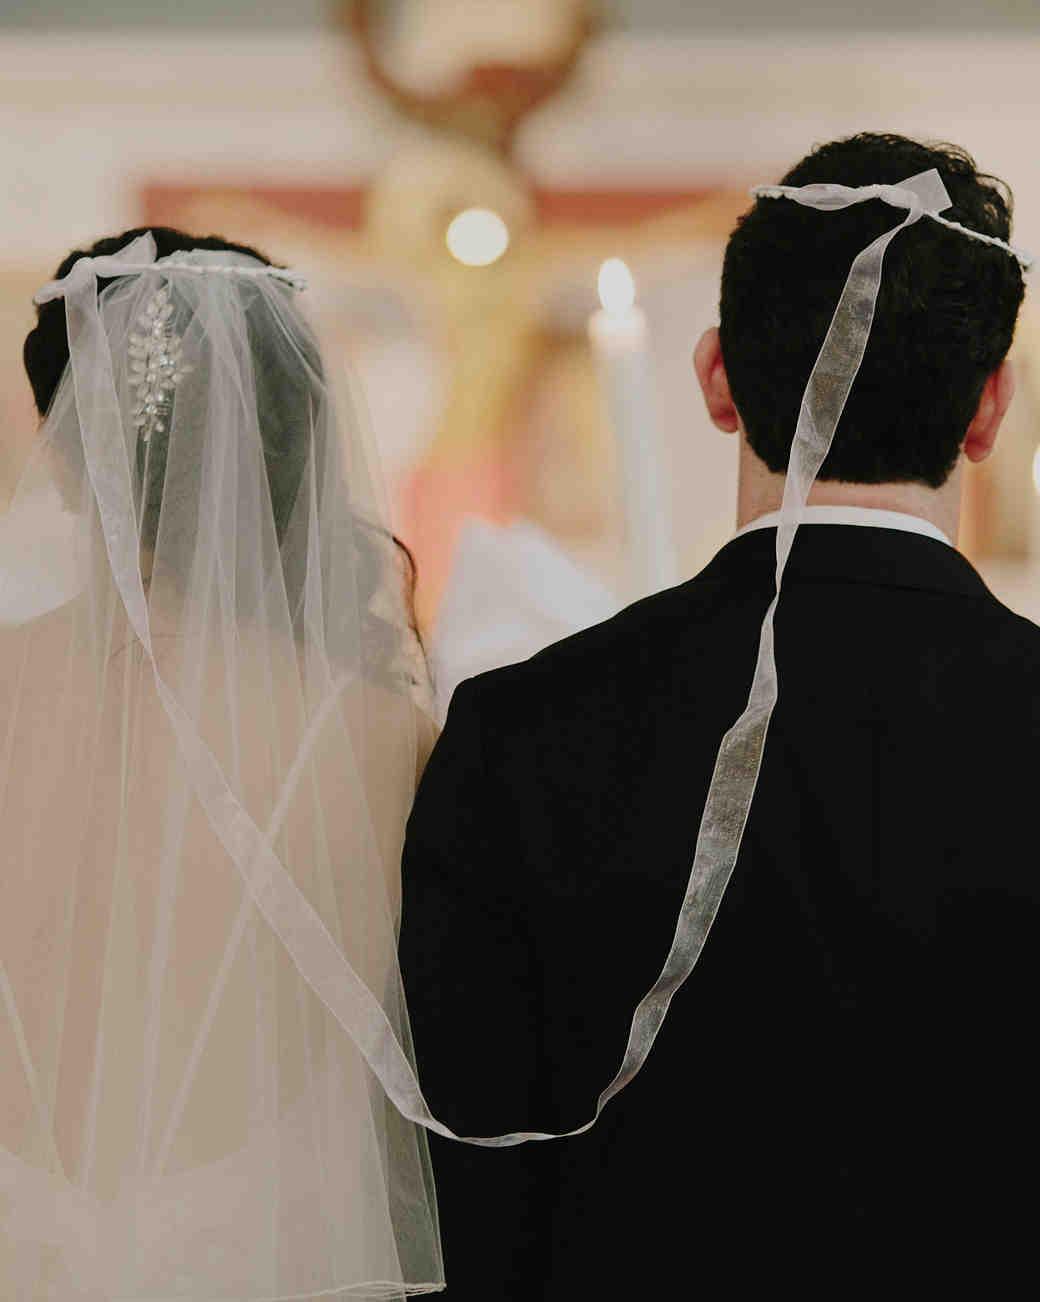 rosie-constantine-wedding-crowns-172-s112177-1015.jpg